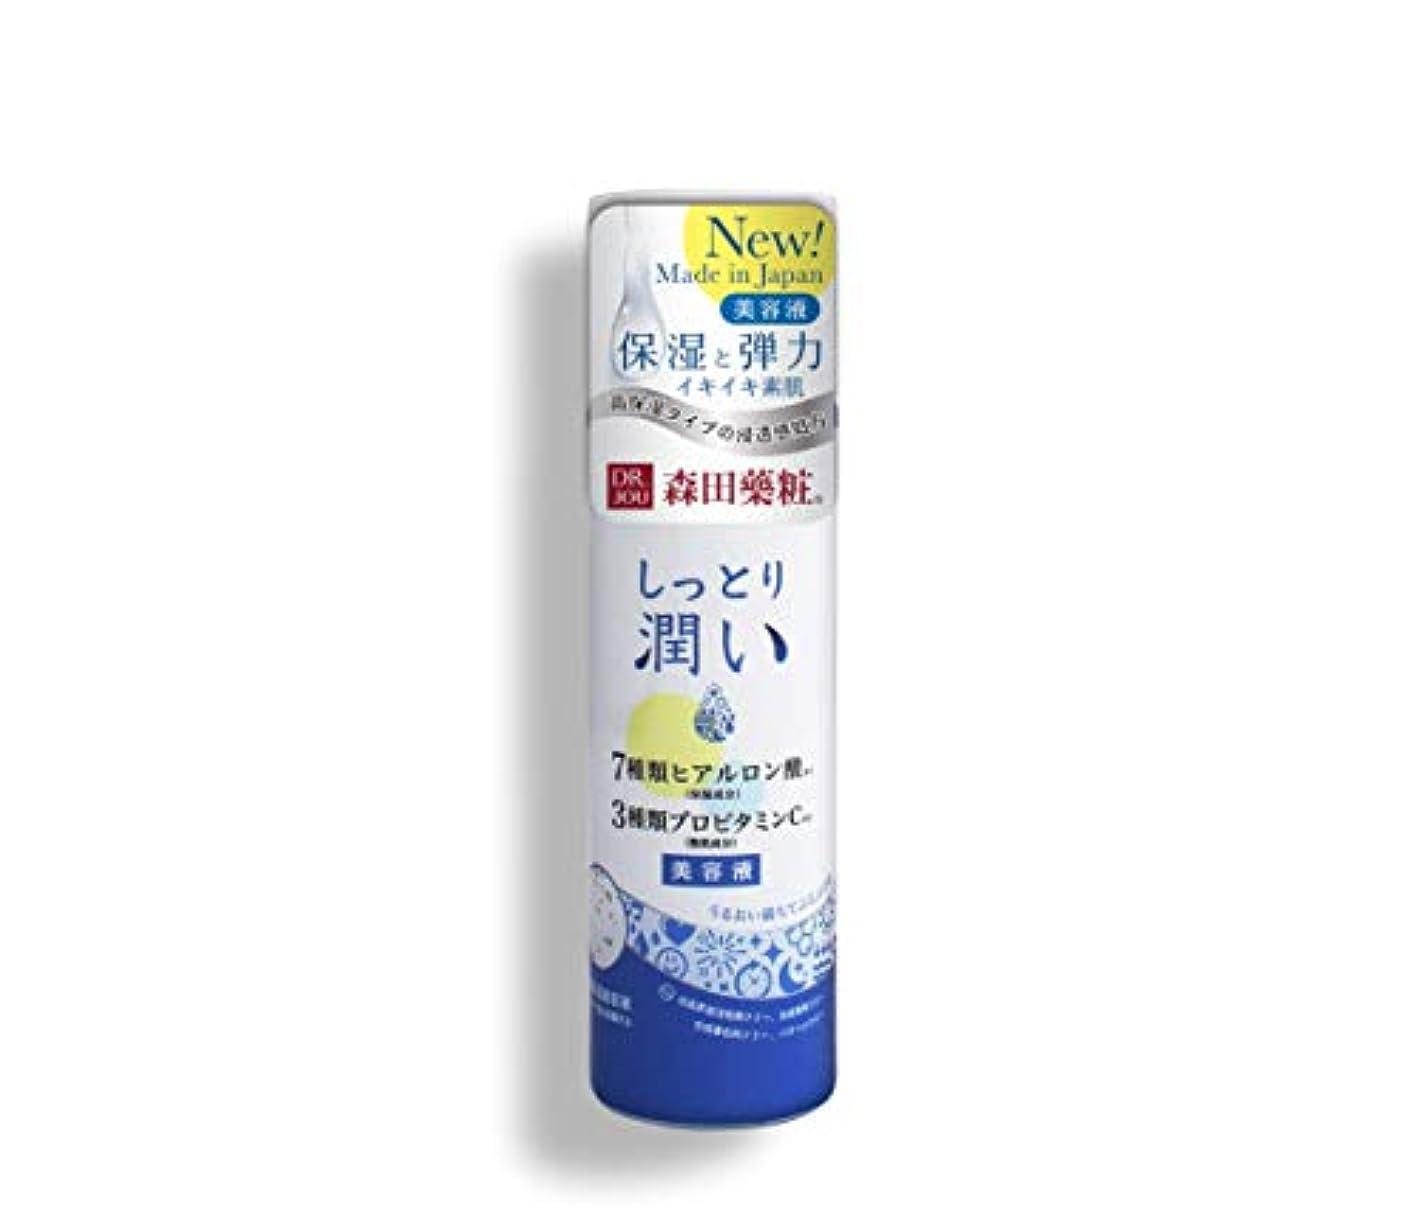 ヒゲガイドラインキロメートル【森田薬粧】DR.JOU しっとり 潤い 美容液 (110ml)